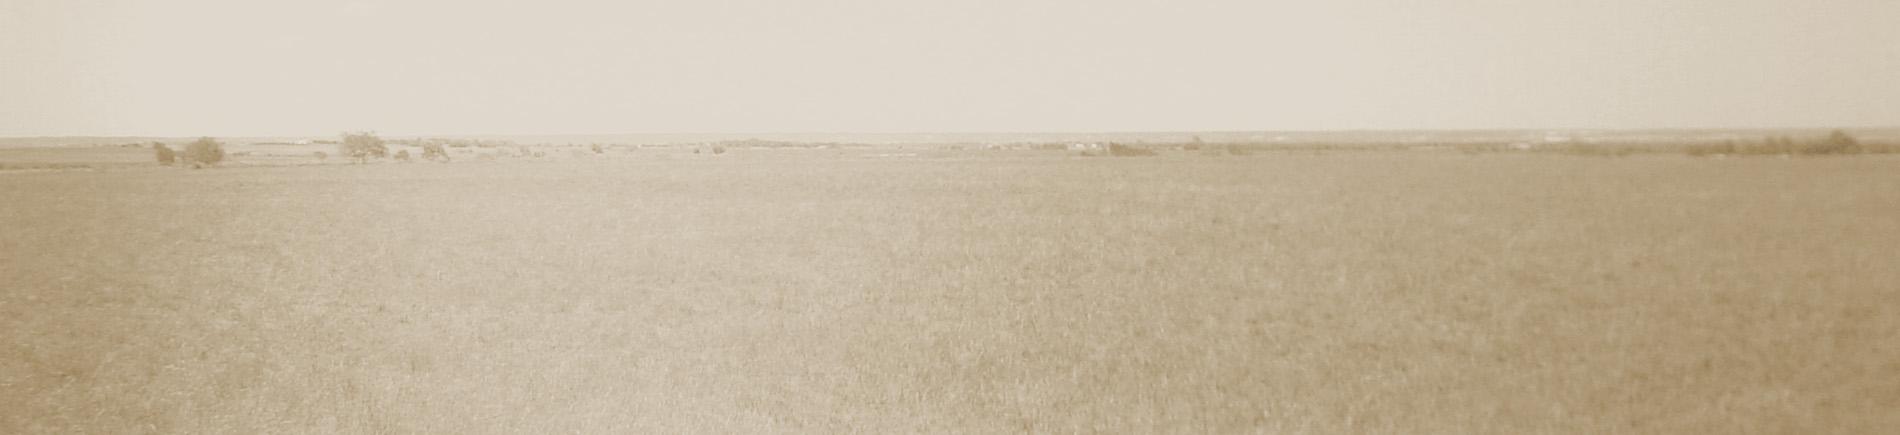 quintessential redneck prairie